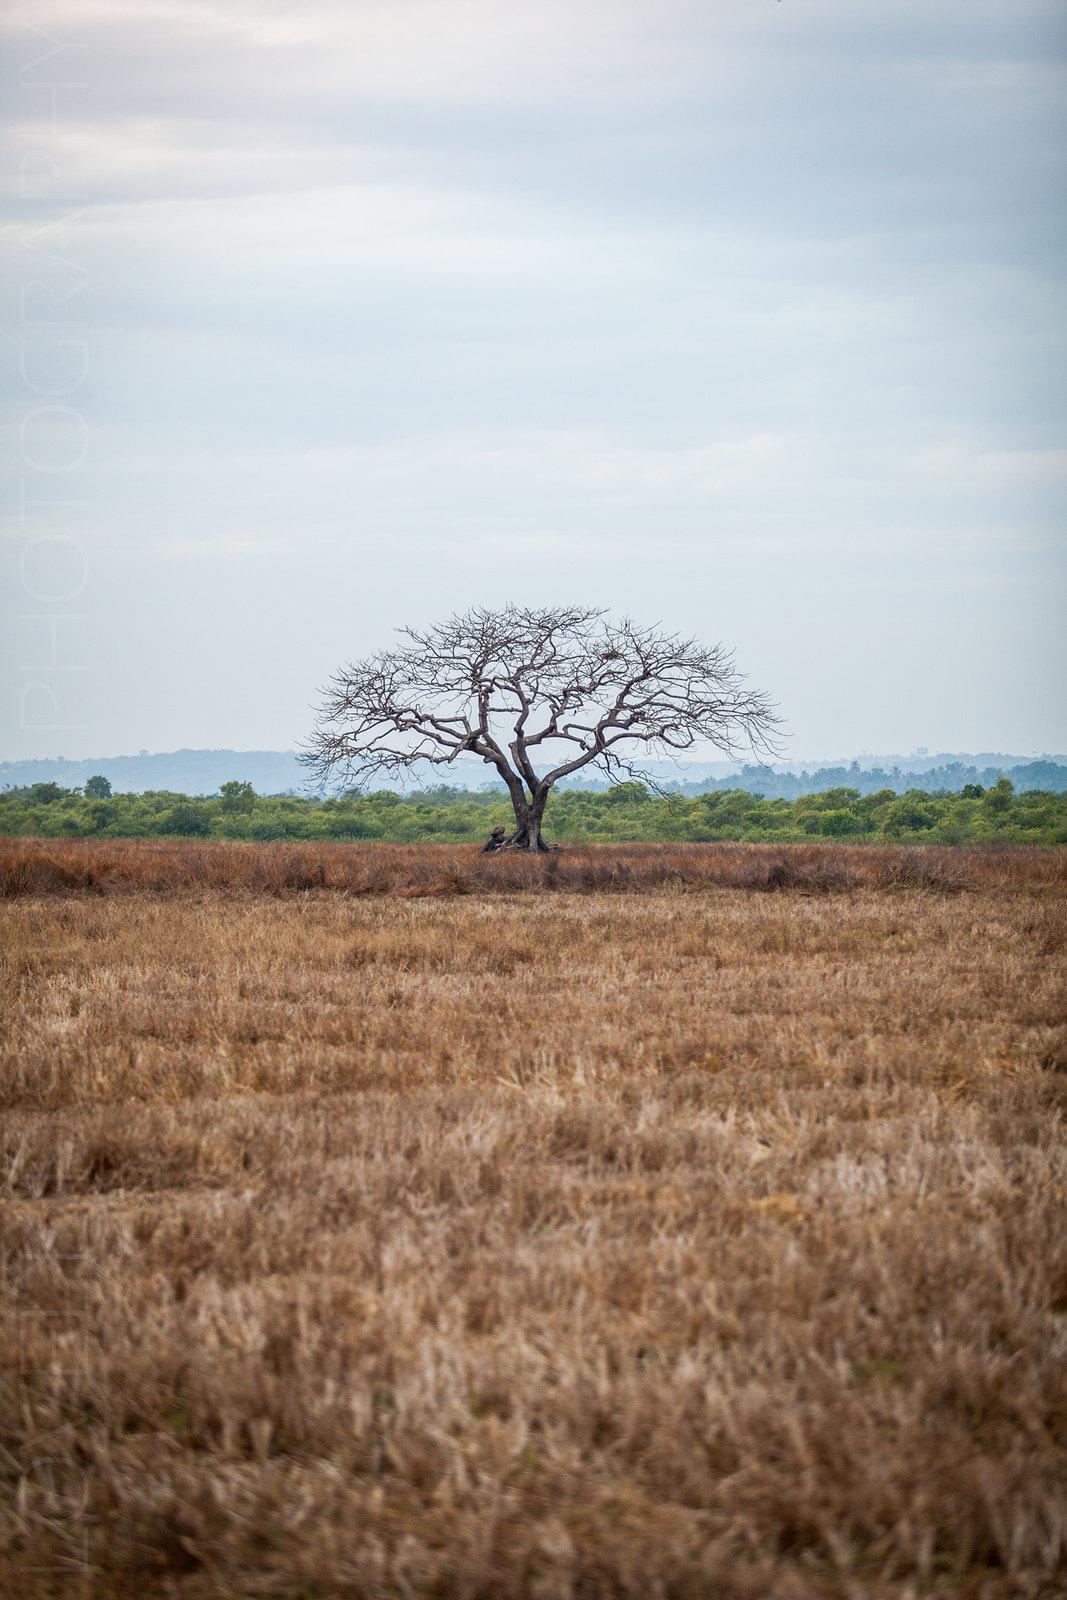 A tree in the fields